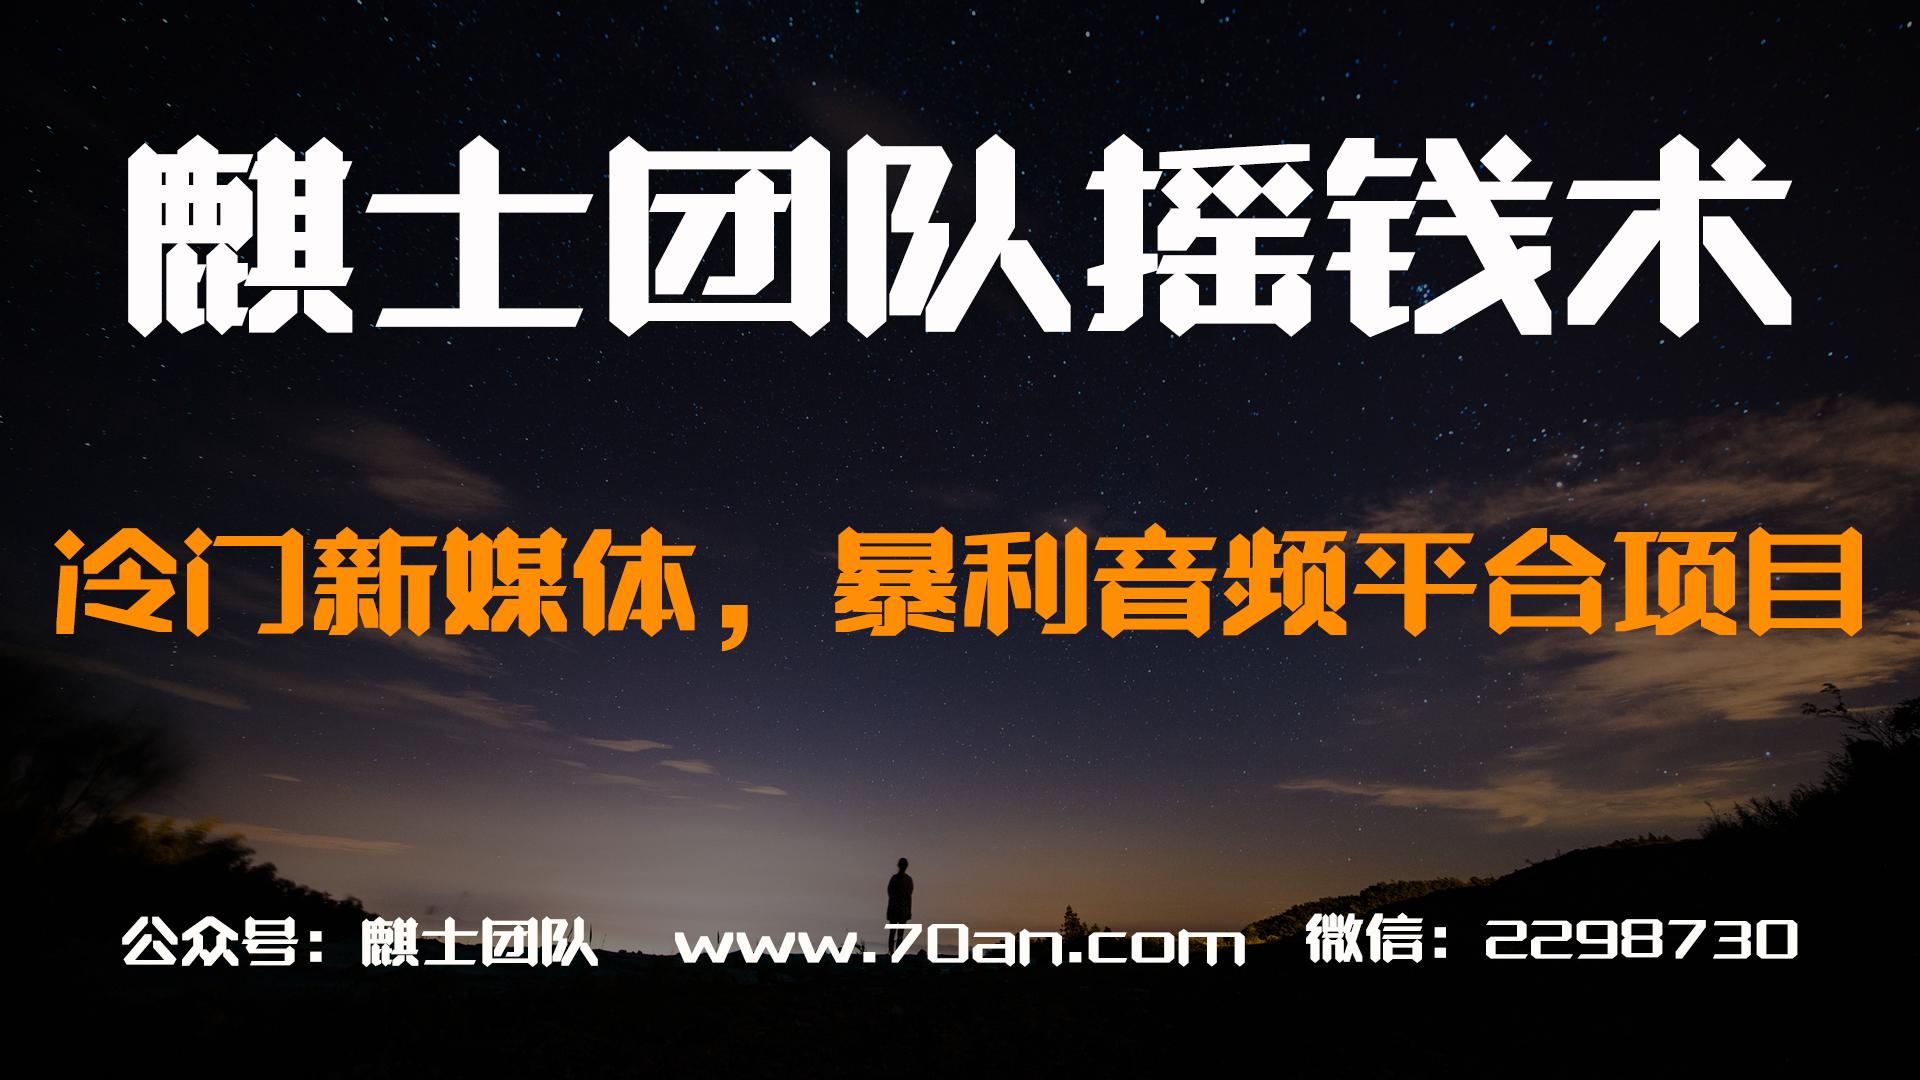 麒士团队摇钱术22:冷门新媒体,暴利音频平台项目